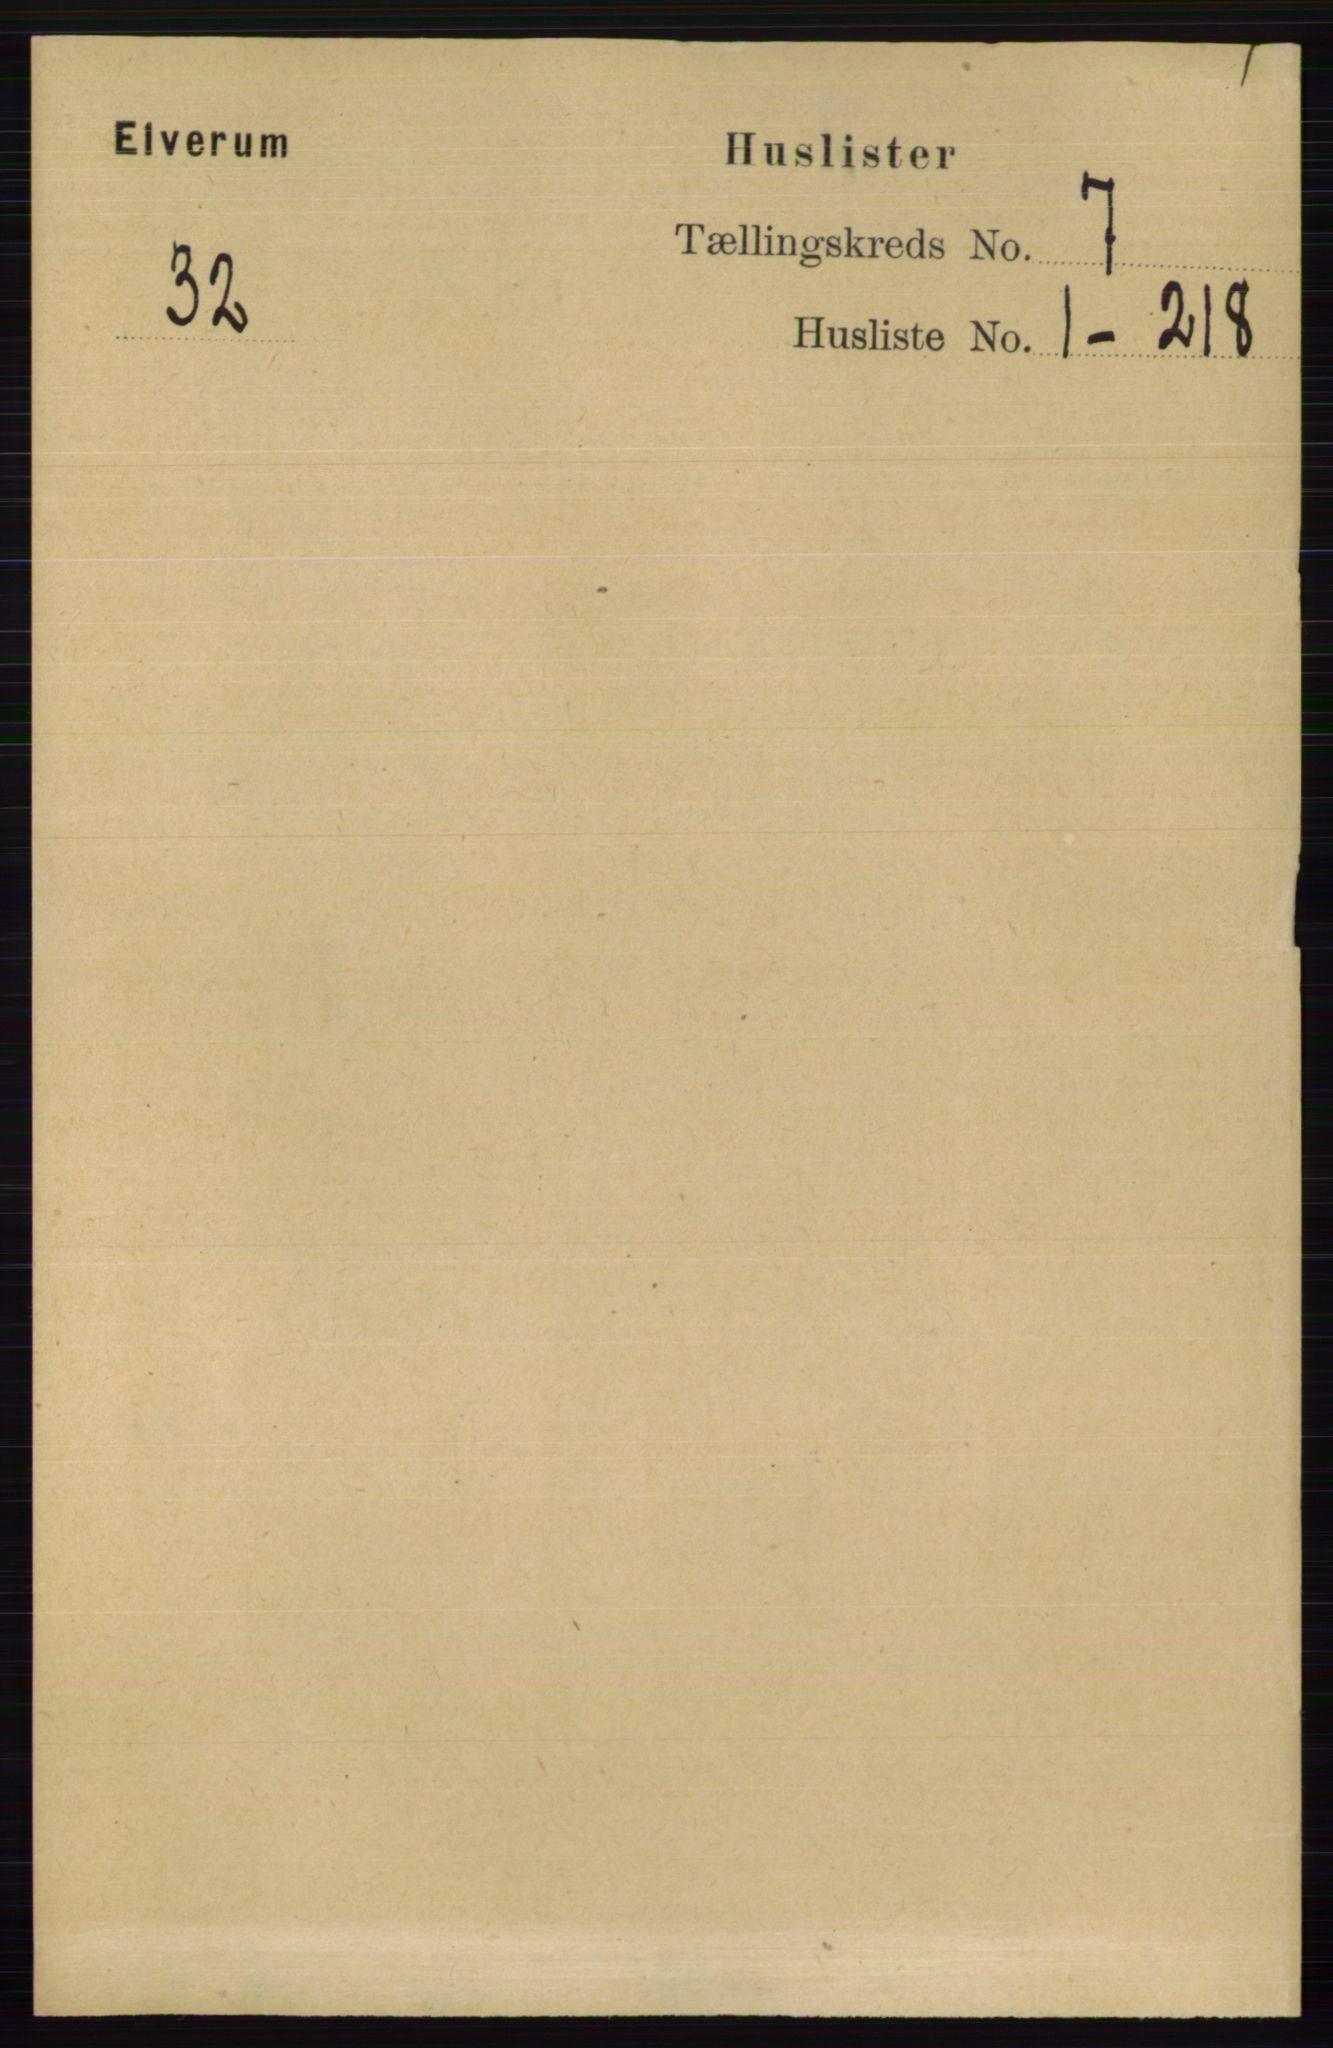 RA, Folketelling 1891 for 0427 Elverum herred, 1891, s. 5449